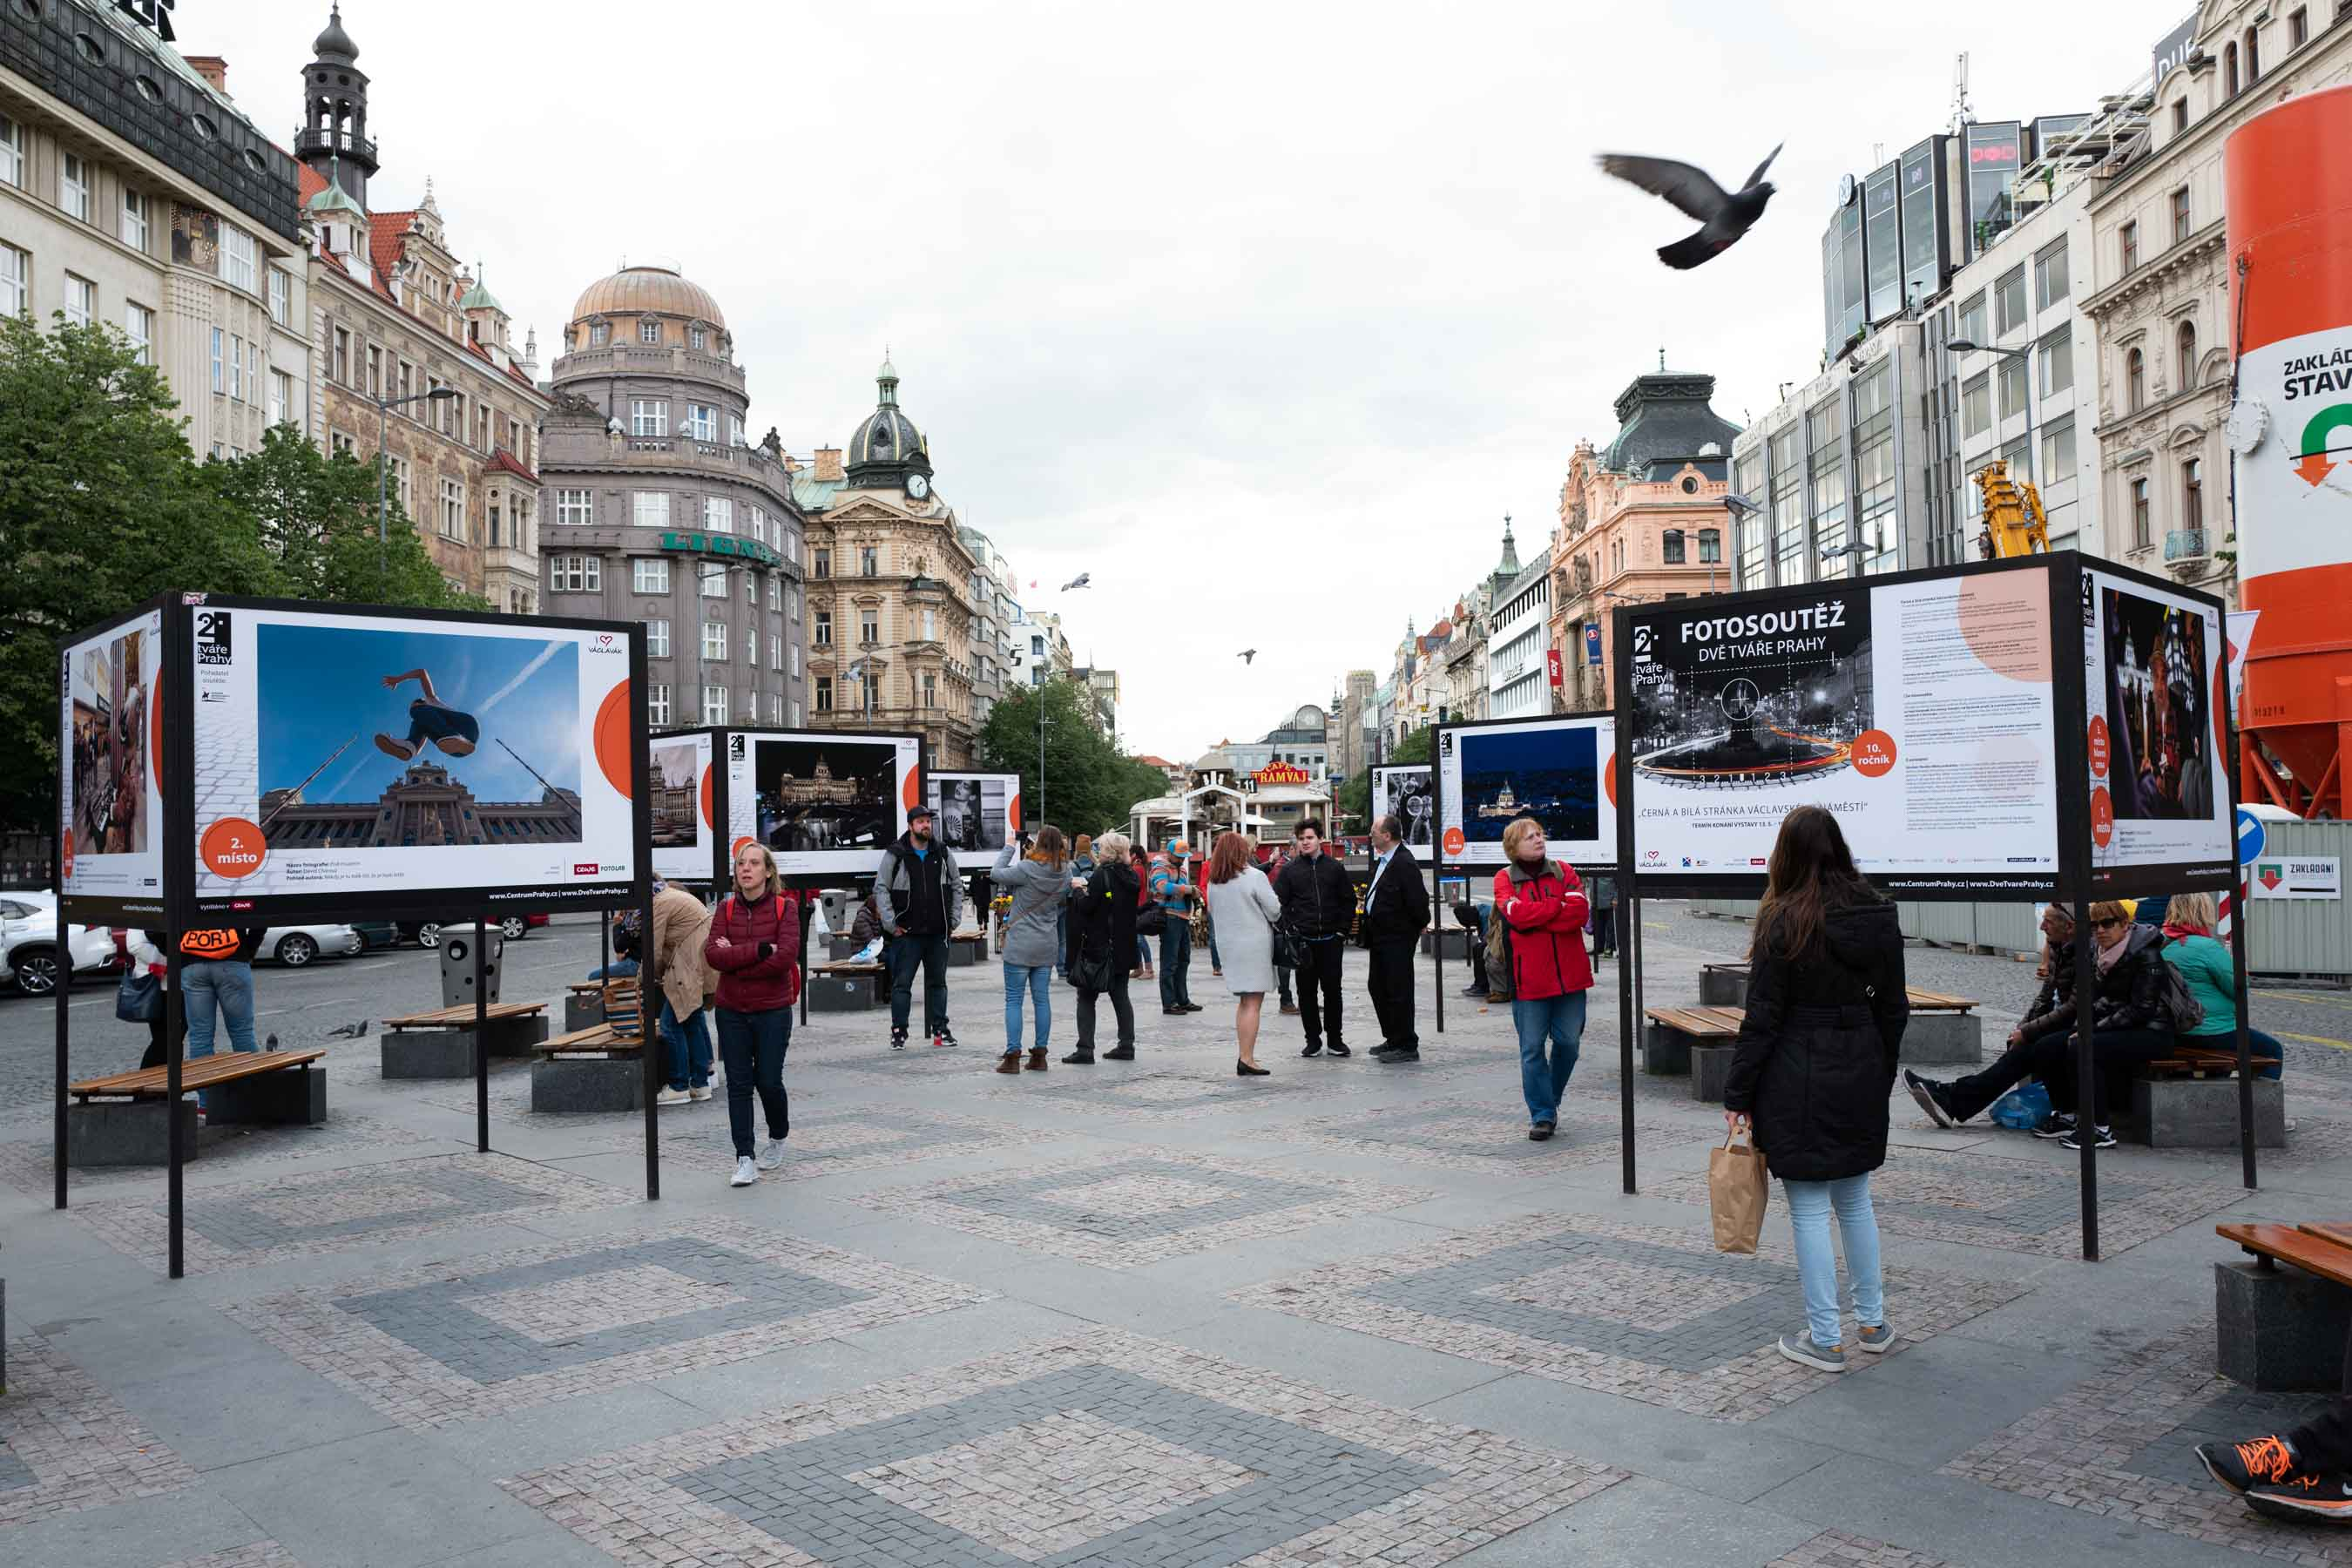 Výstava fotografií soutěže Dvě tváře Prahy na Václavském náměstí